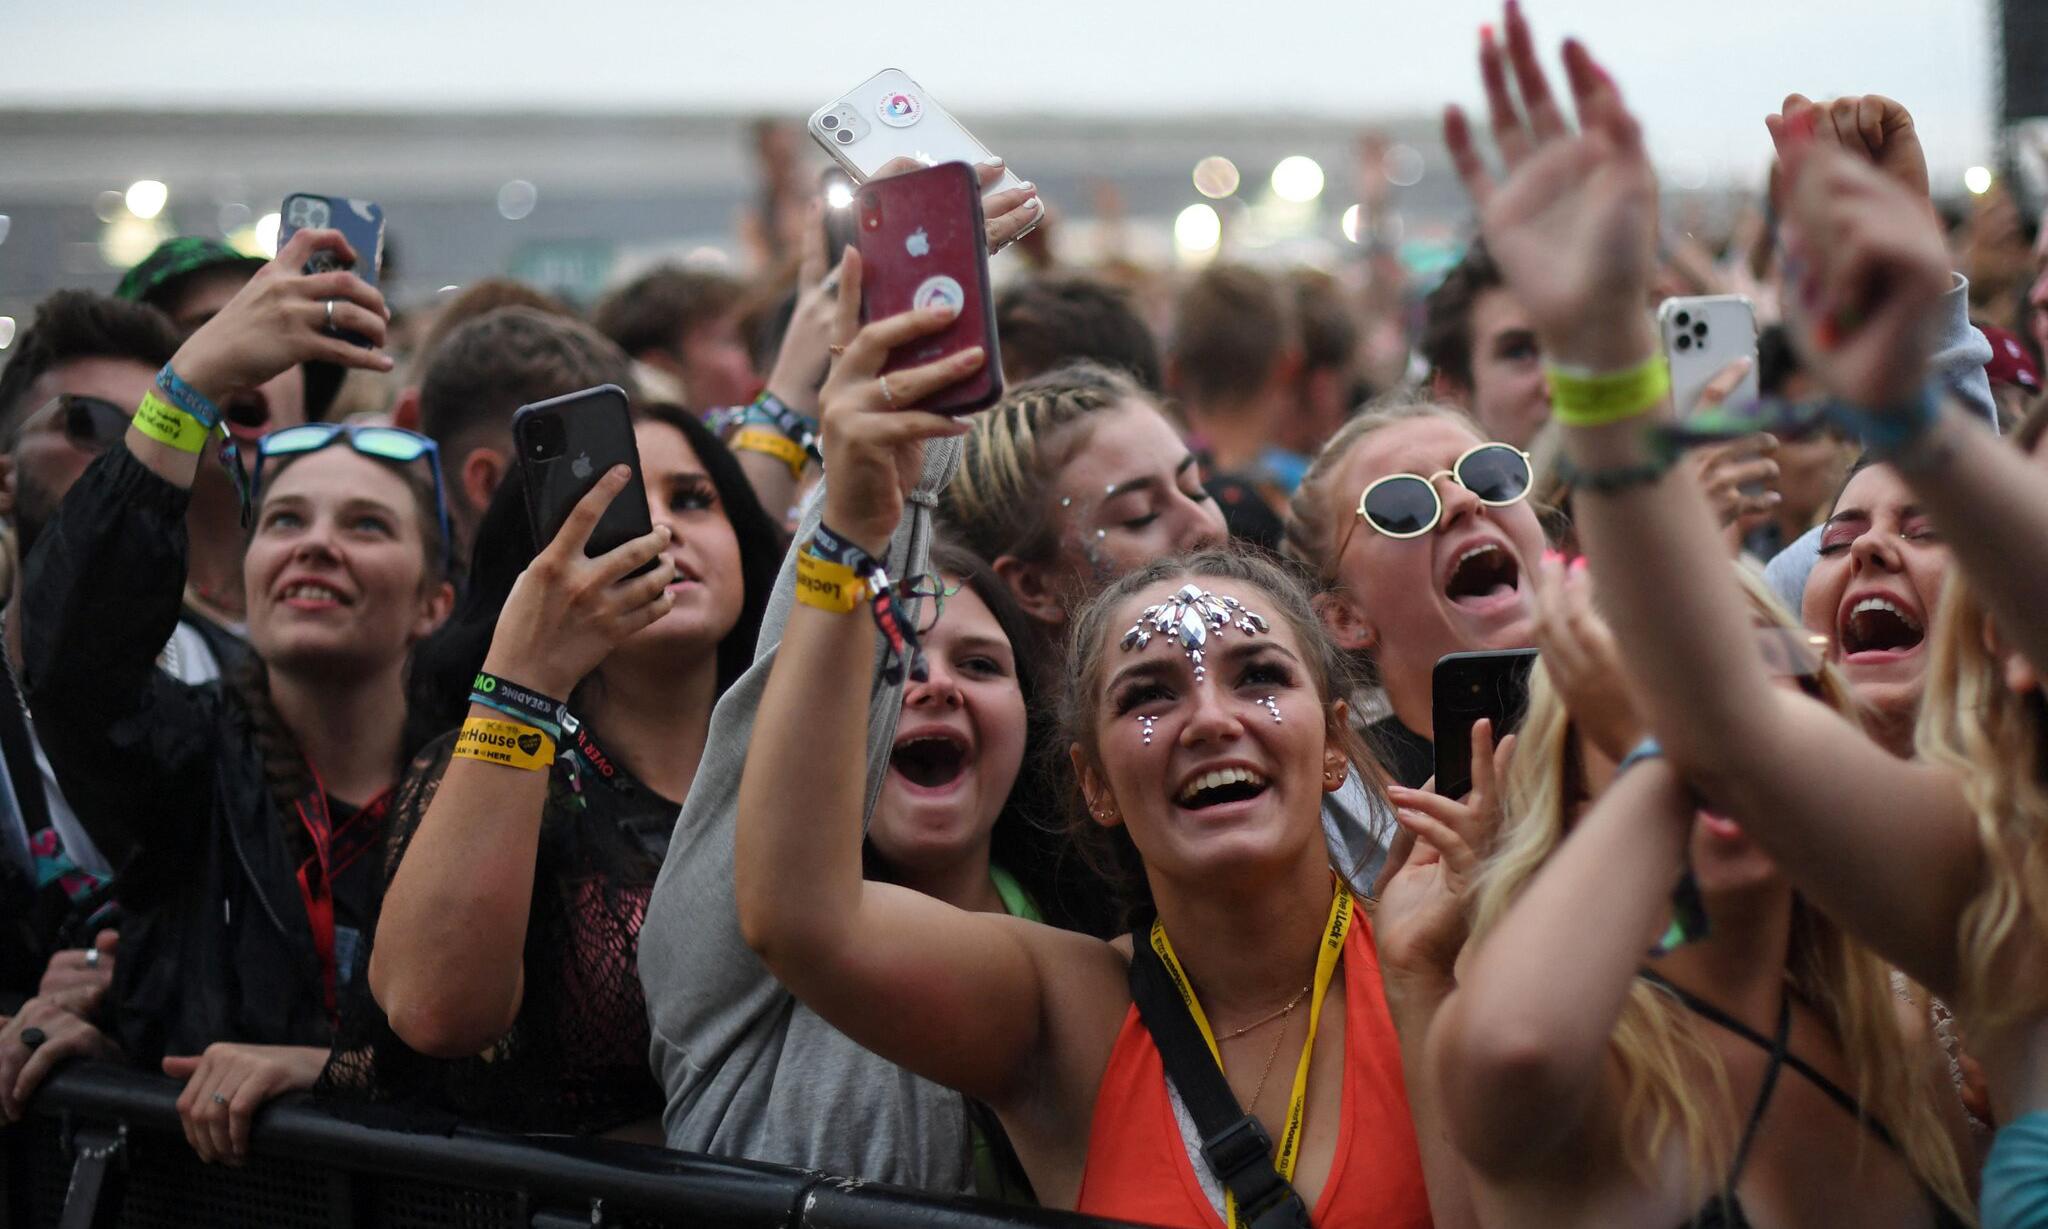 Các khán giả tại một lễ hội âm nhạc ở thành phố Reading, Anh, hôm 27/8. Ảnh: AFP.